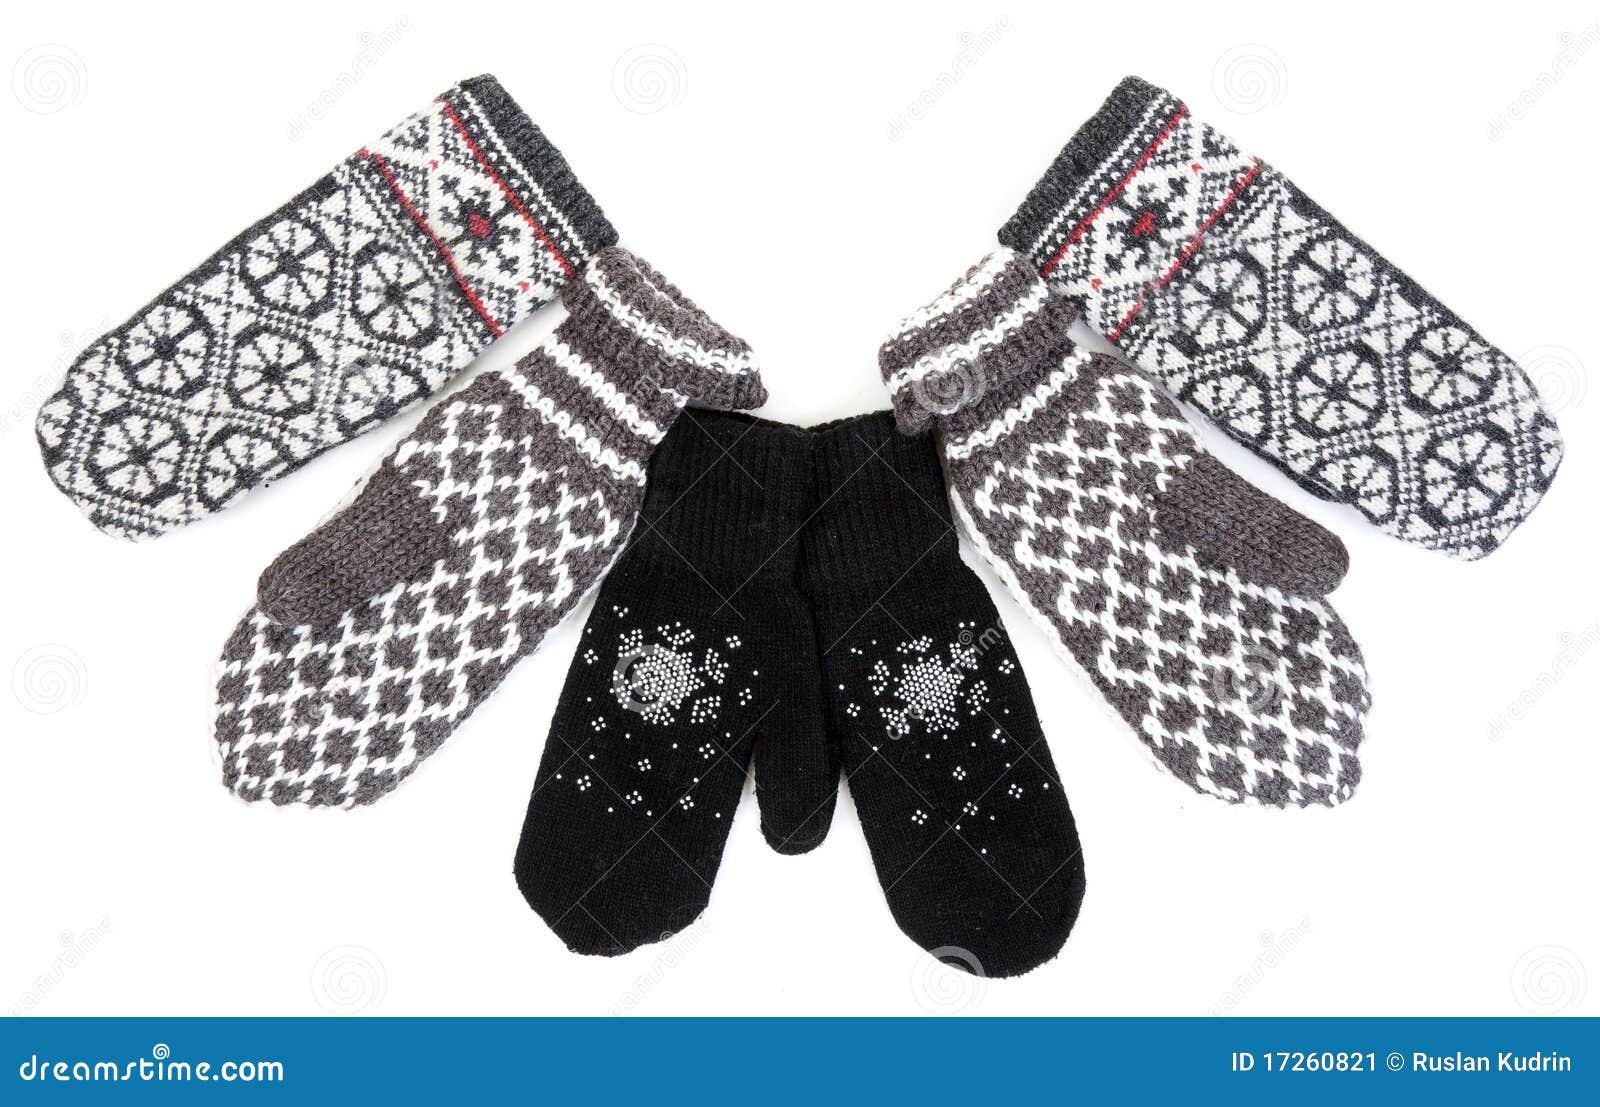 4275c488aac2 γάντια πλεκτά χειμώνας στοκ εικόνα. εικόνα από προστασία - 17260821